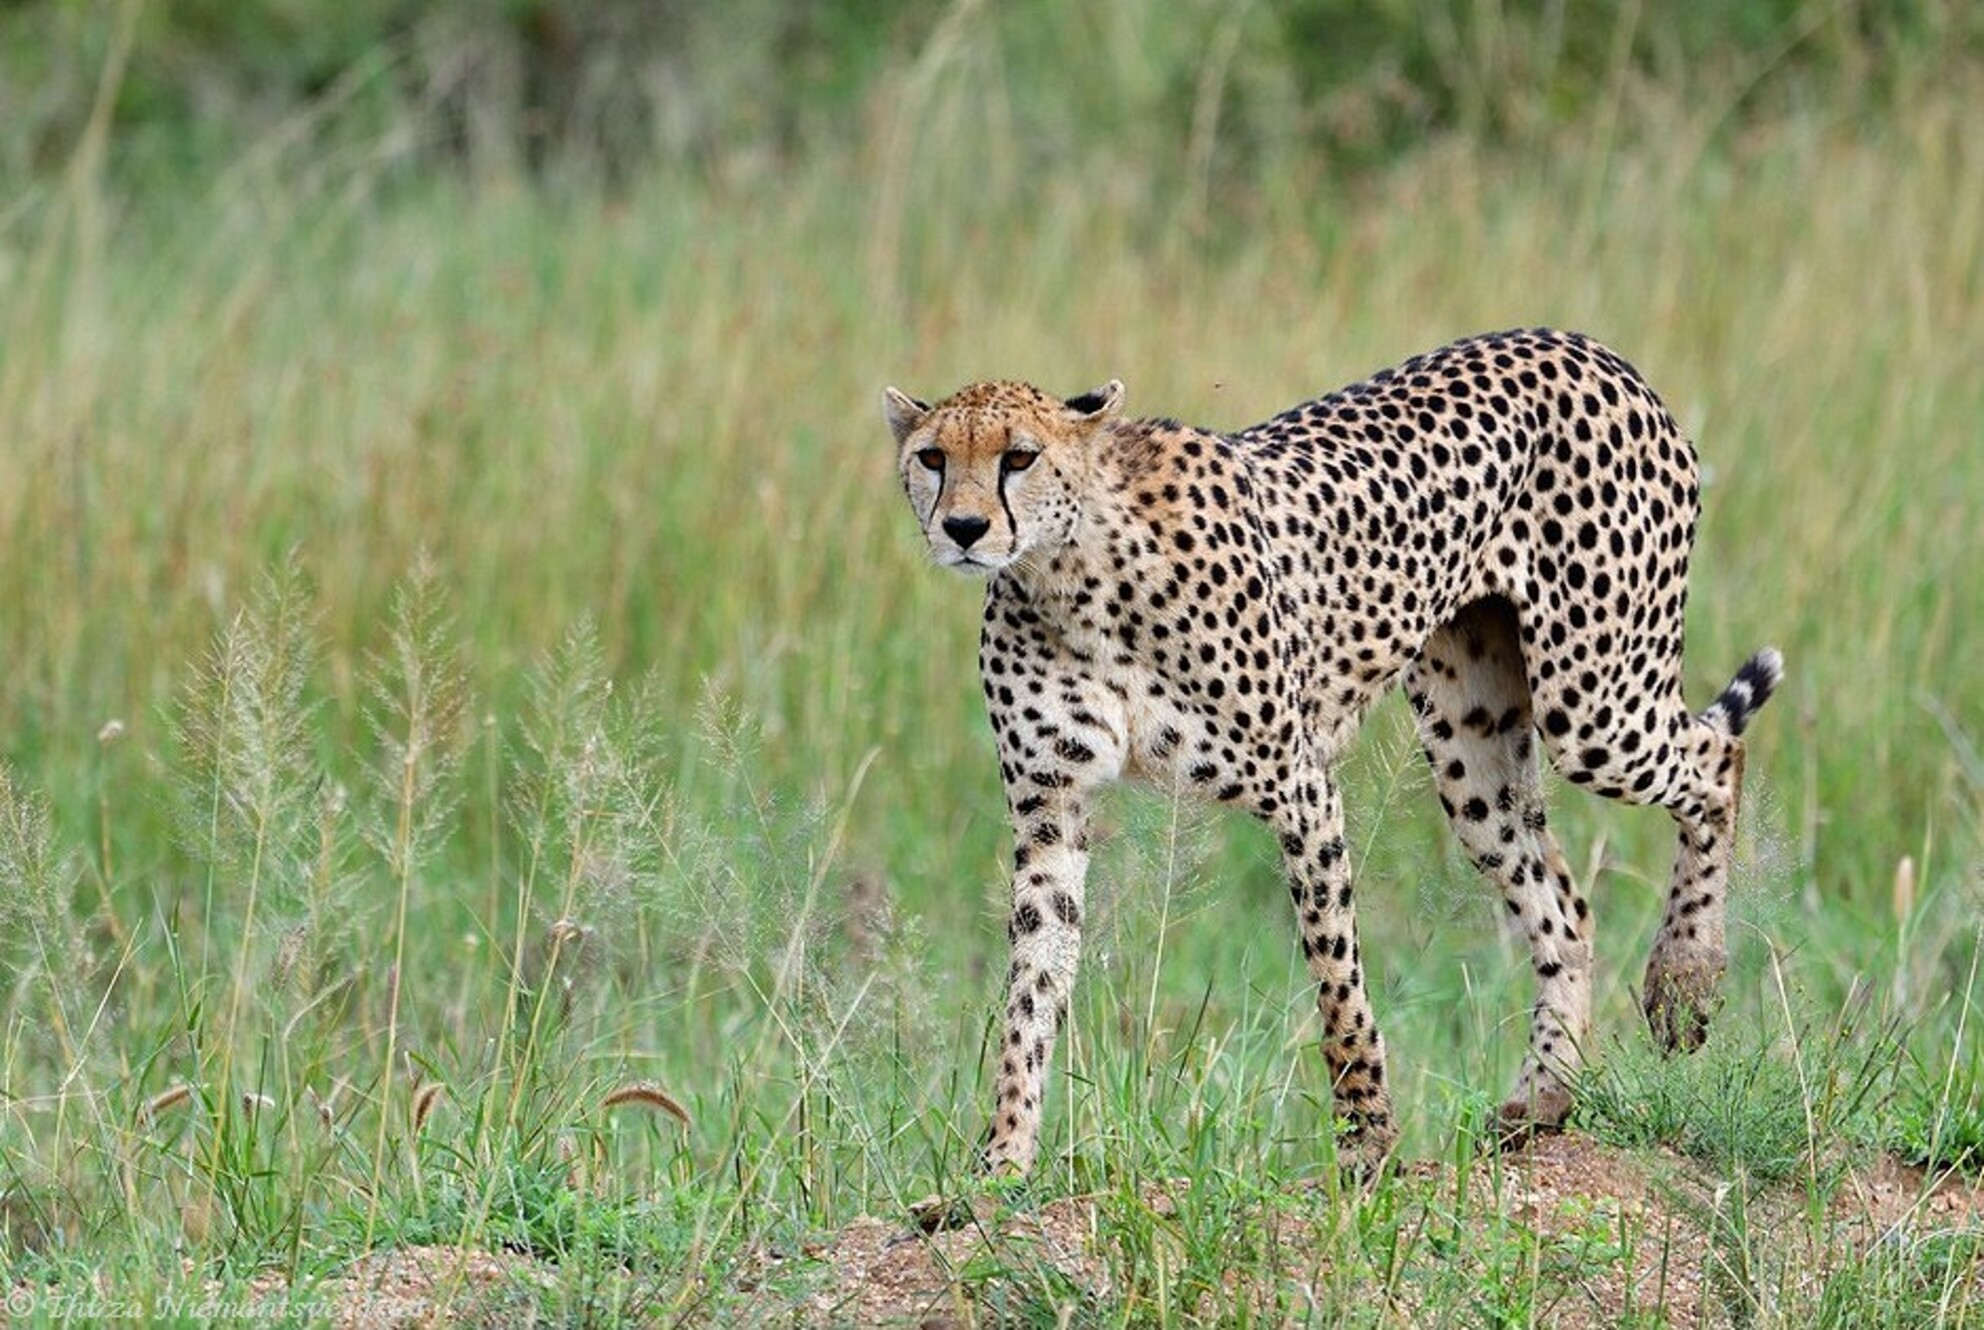 Serengeti Hunter - Duik weer even terug naar Tanzania, oef wat mooi al die dieren in het wild te spotten daar. Een cheetah in het weidse landschap van de Seregenti, op  - foto door thirzaniemantsverdriet op 25-02-2021 - deze foto bevat: natuur, dieren, afrika, wildlife, jachtluipaard, cheetah, serengeti, roofdier